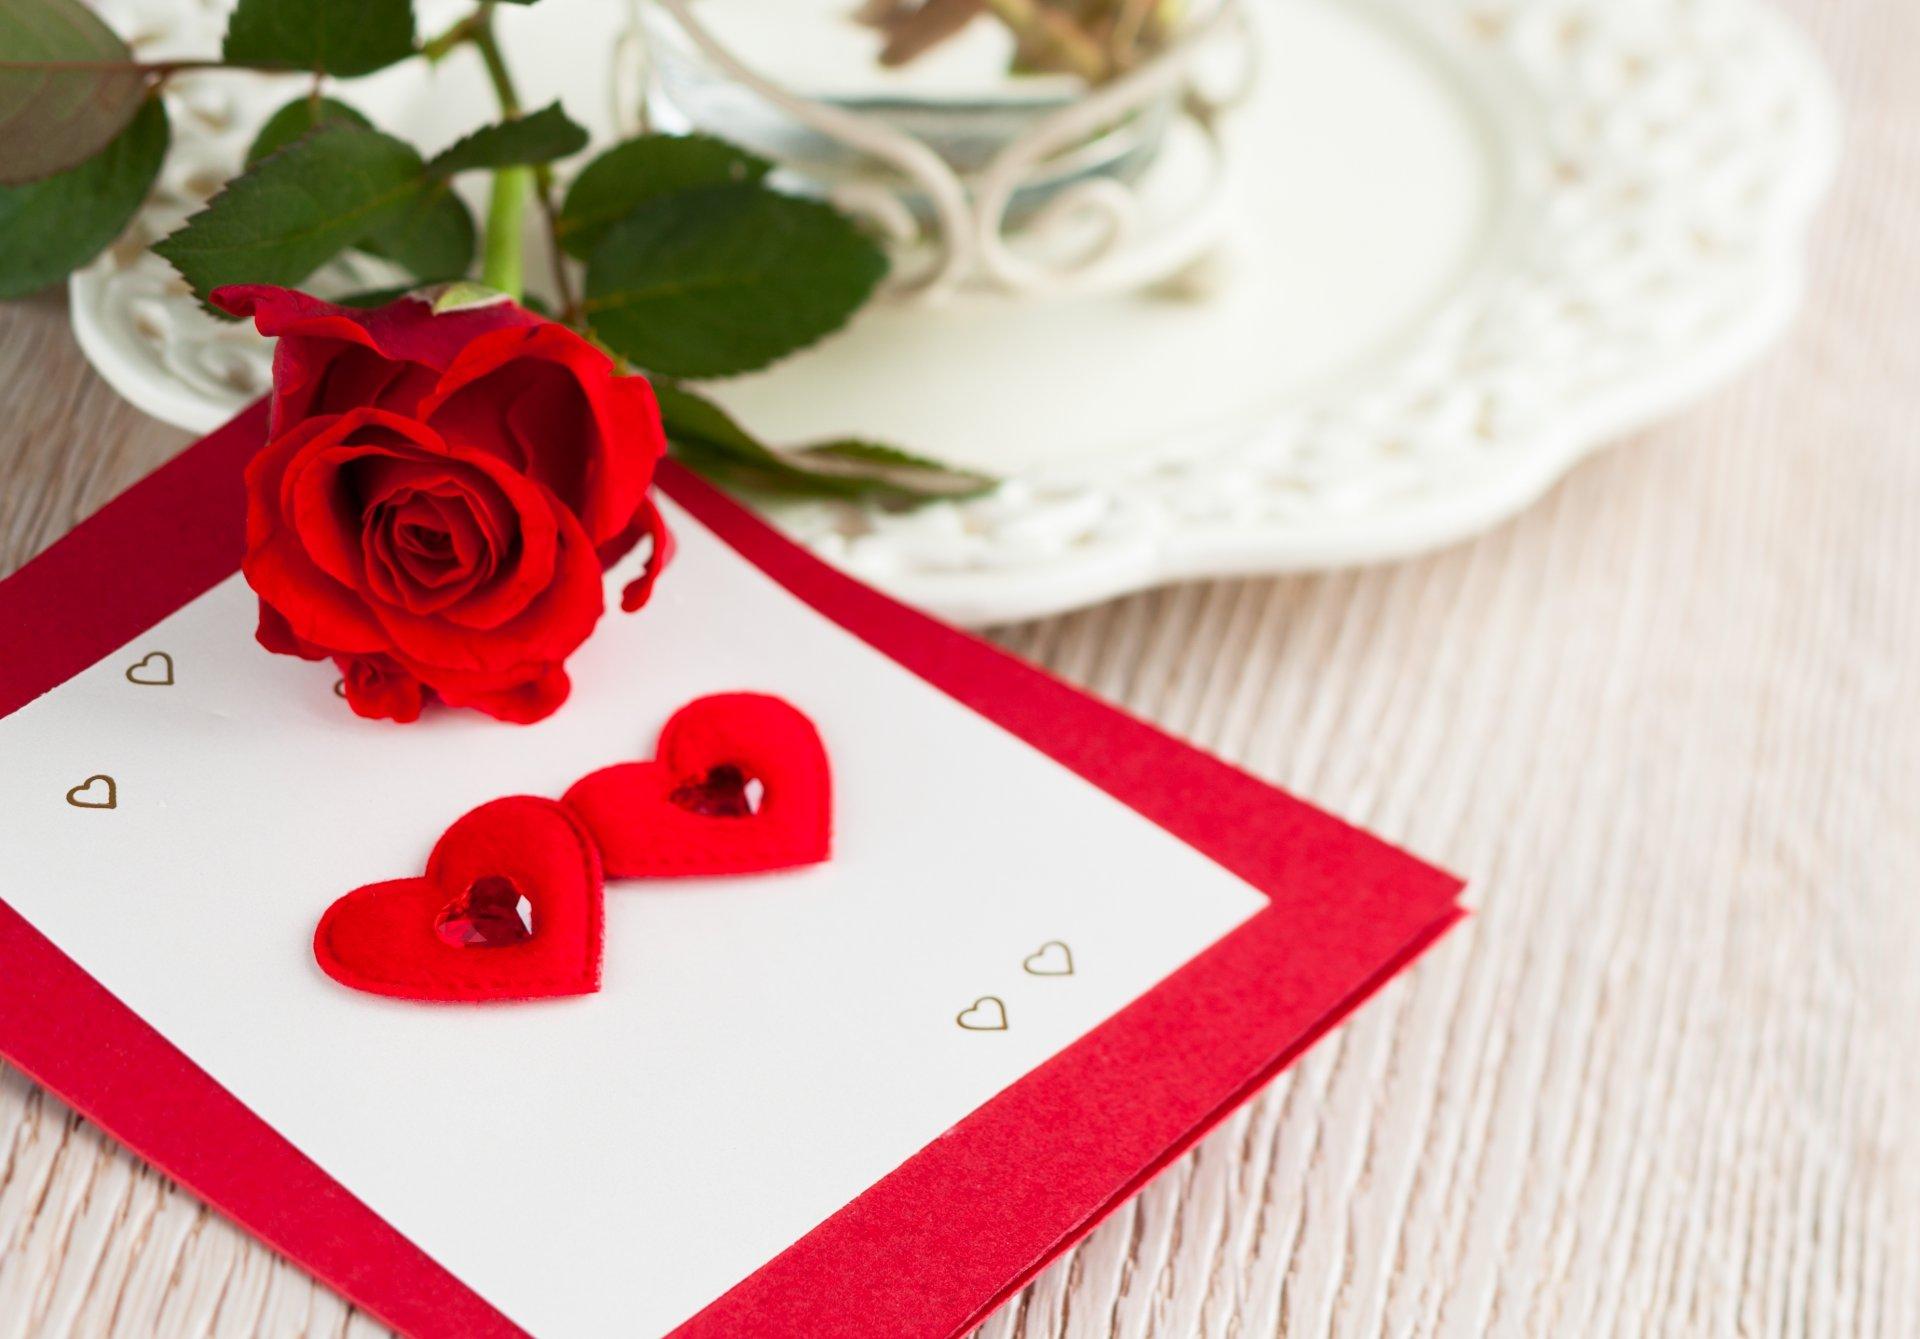 С Днем Сердца открытка - Любовь и романтика - Анимационные блестящие 42